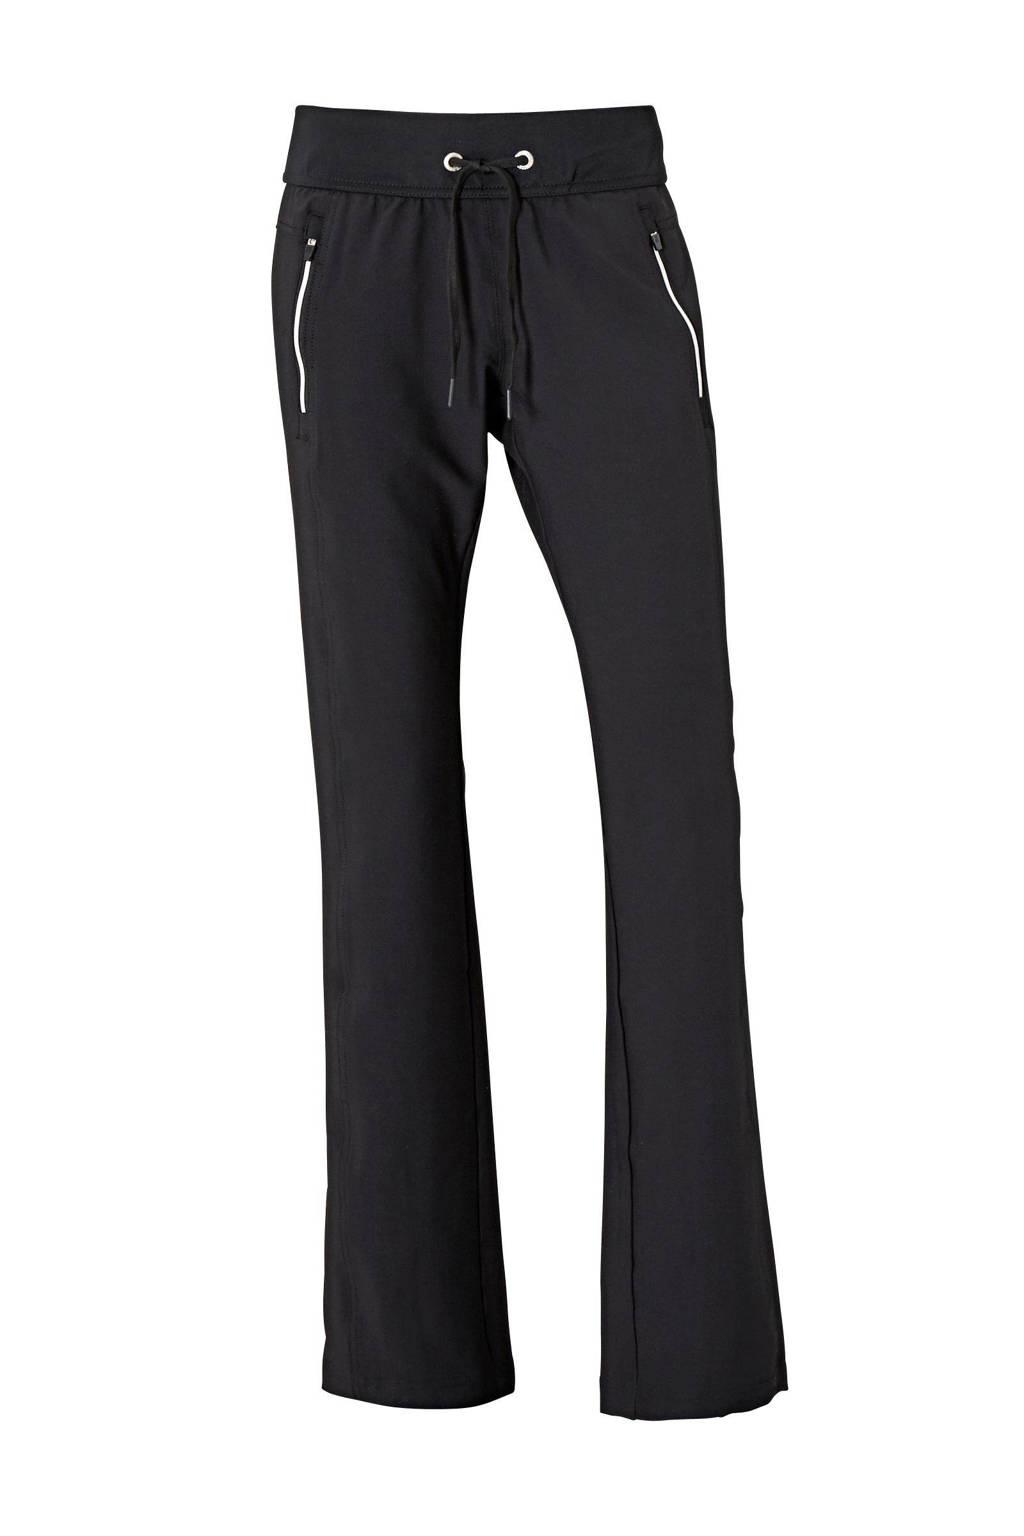 Sjeng Sports broek Gabreilla zwart, Zwart